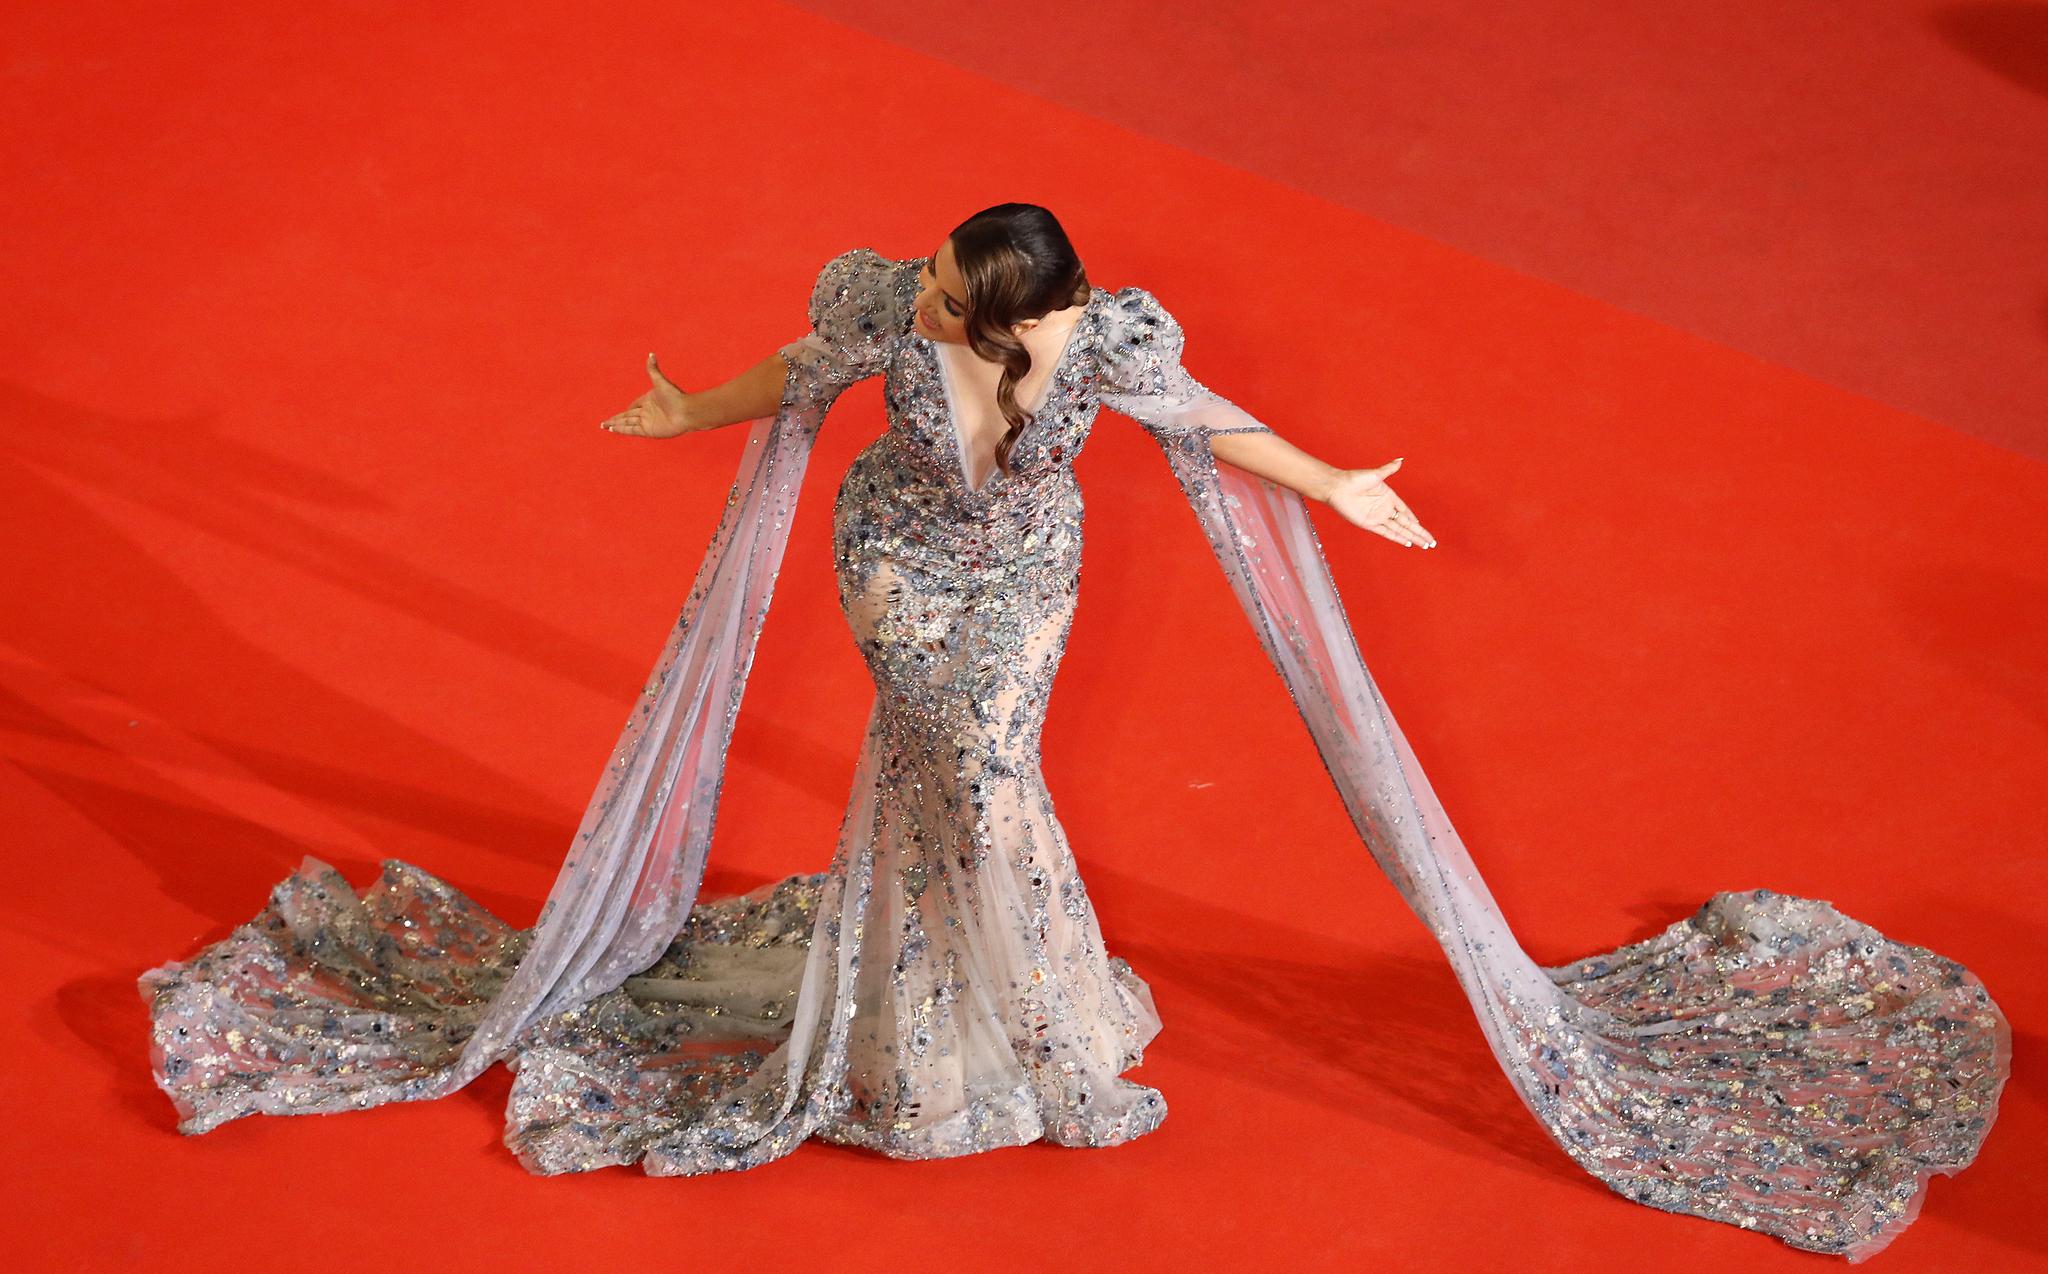 인도 배우 히나 칸이 15일(현지시간) 프랑스 칸에서 '제72회 칸 국제영화제' 경쟁부문에 진출한 영화 '바쿠라우' 레드 카펫에 올라 포즈를 취하고 있다.[EPA=연합뉴스]